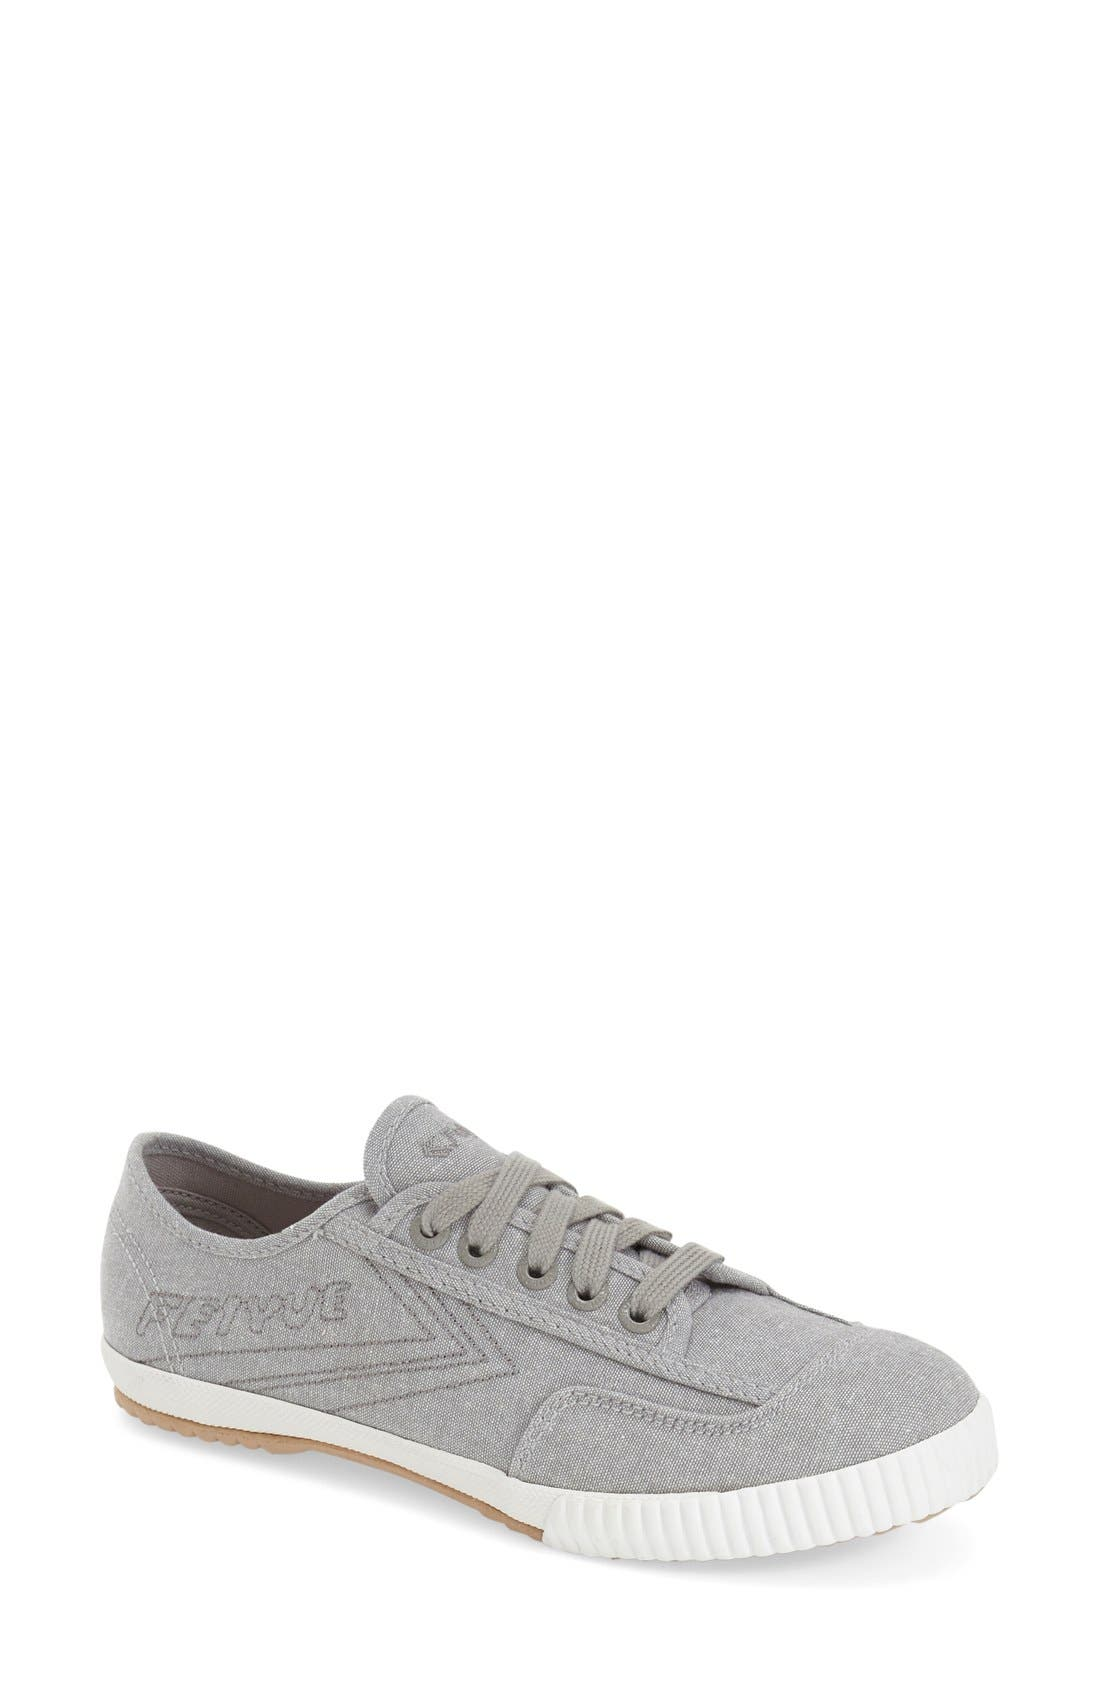 Alternate Image 1 Selected - Feiyue. 'Fe Lo Plain' Chambray Sneaker (Women)